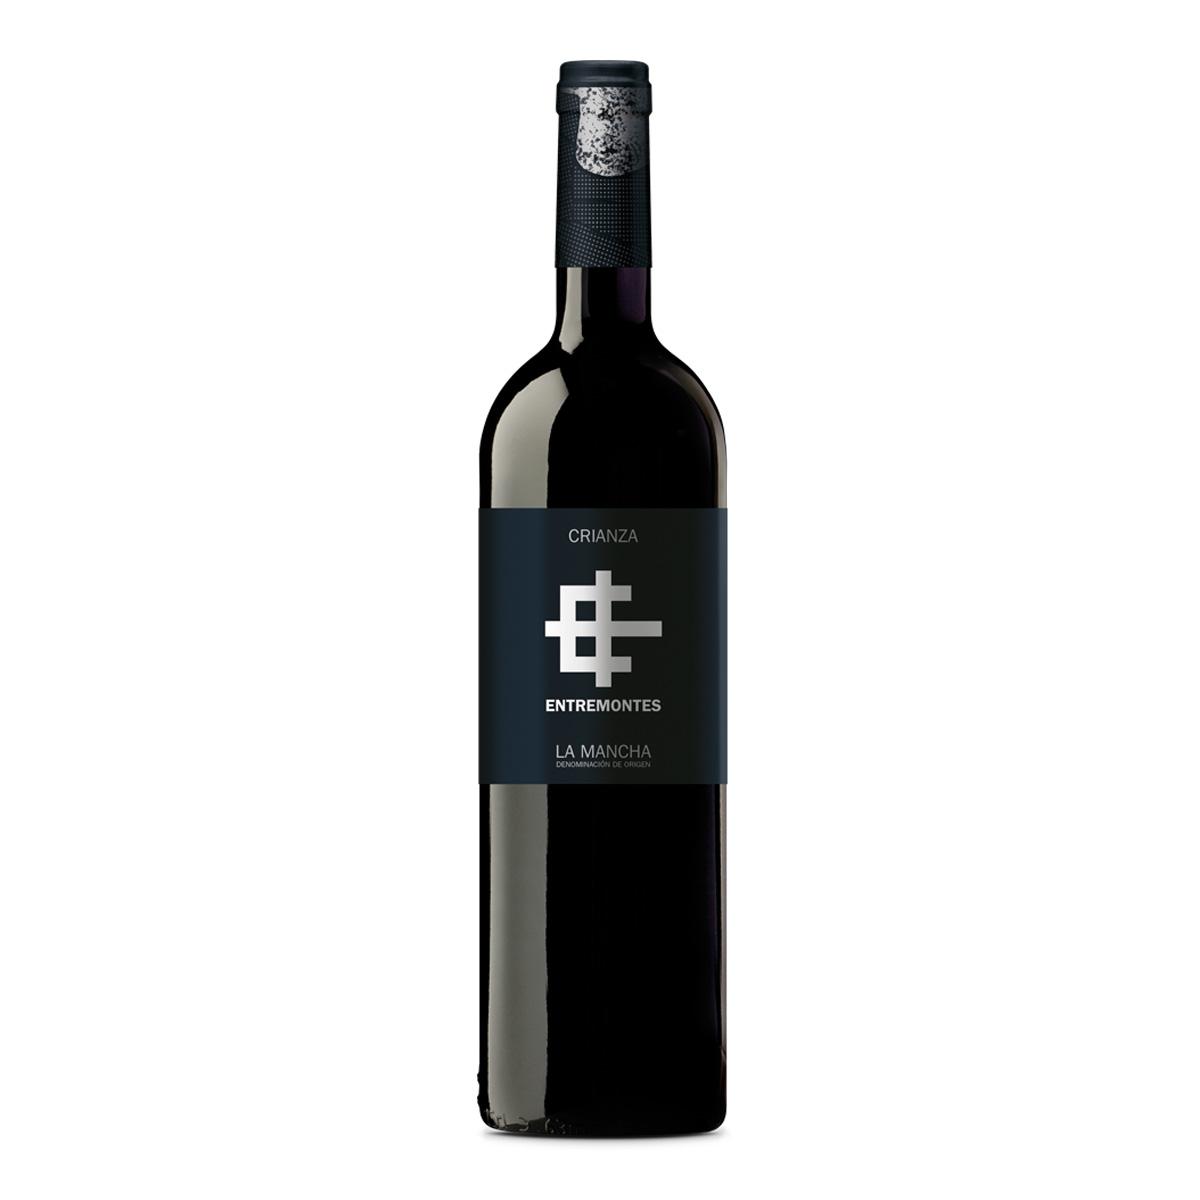 西班牙ENTREMONTES CRIANZA干红葡萄酒